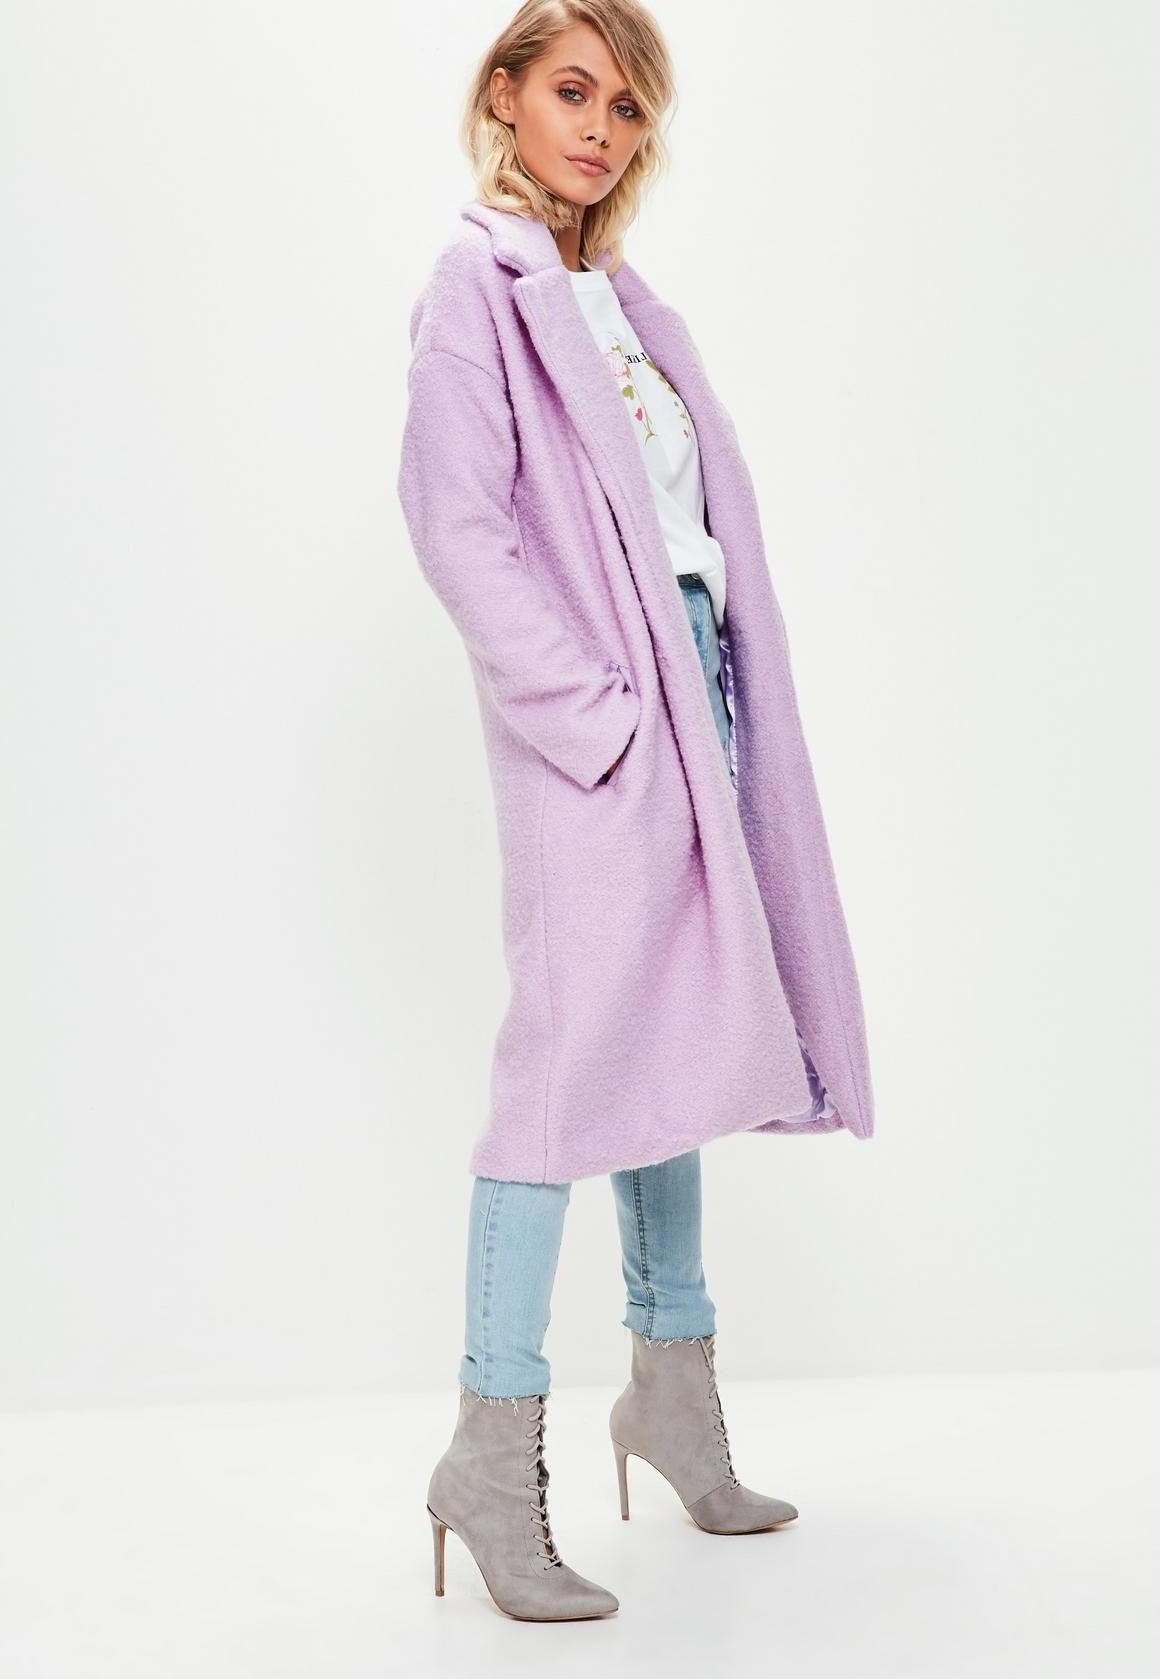 Vous pouvez coiffer votre manteau de couleur lilas avec un jean clair.